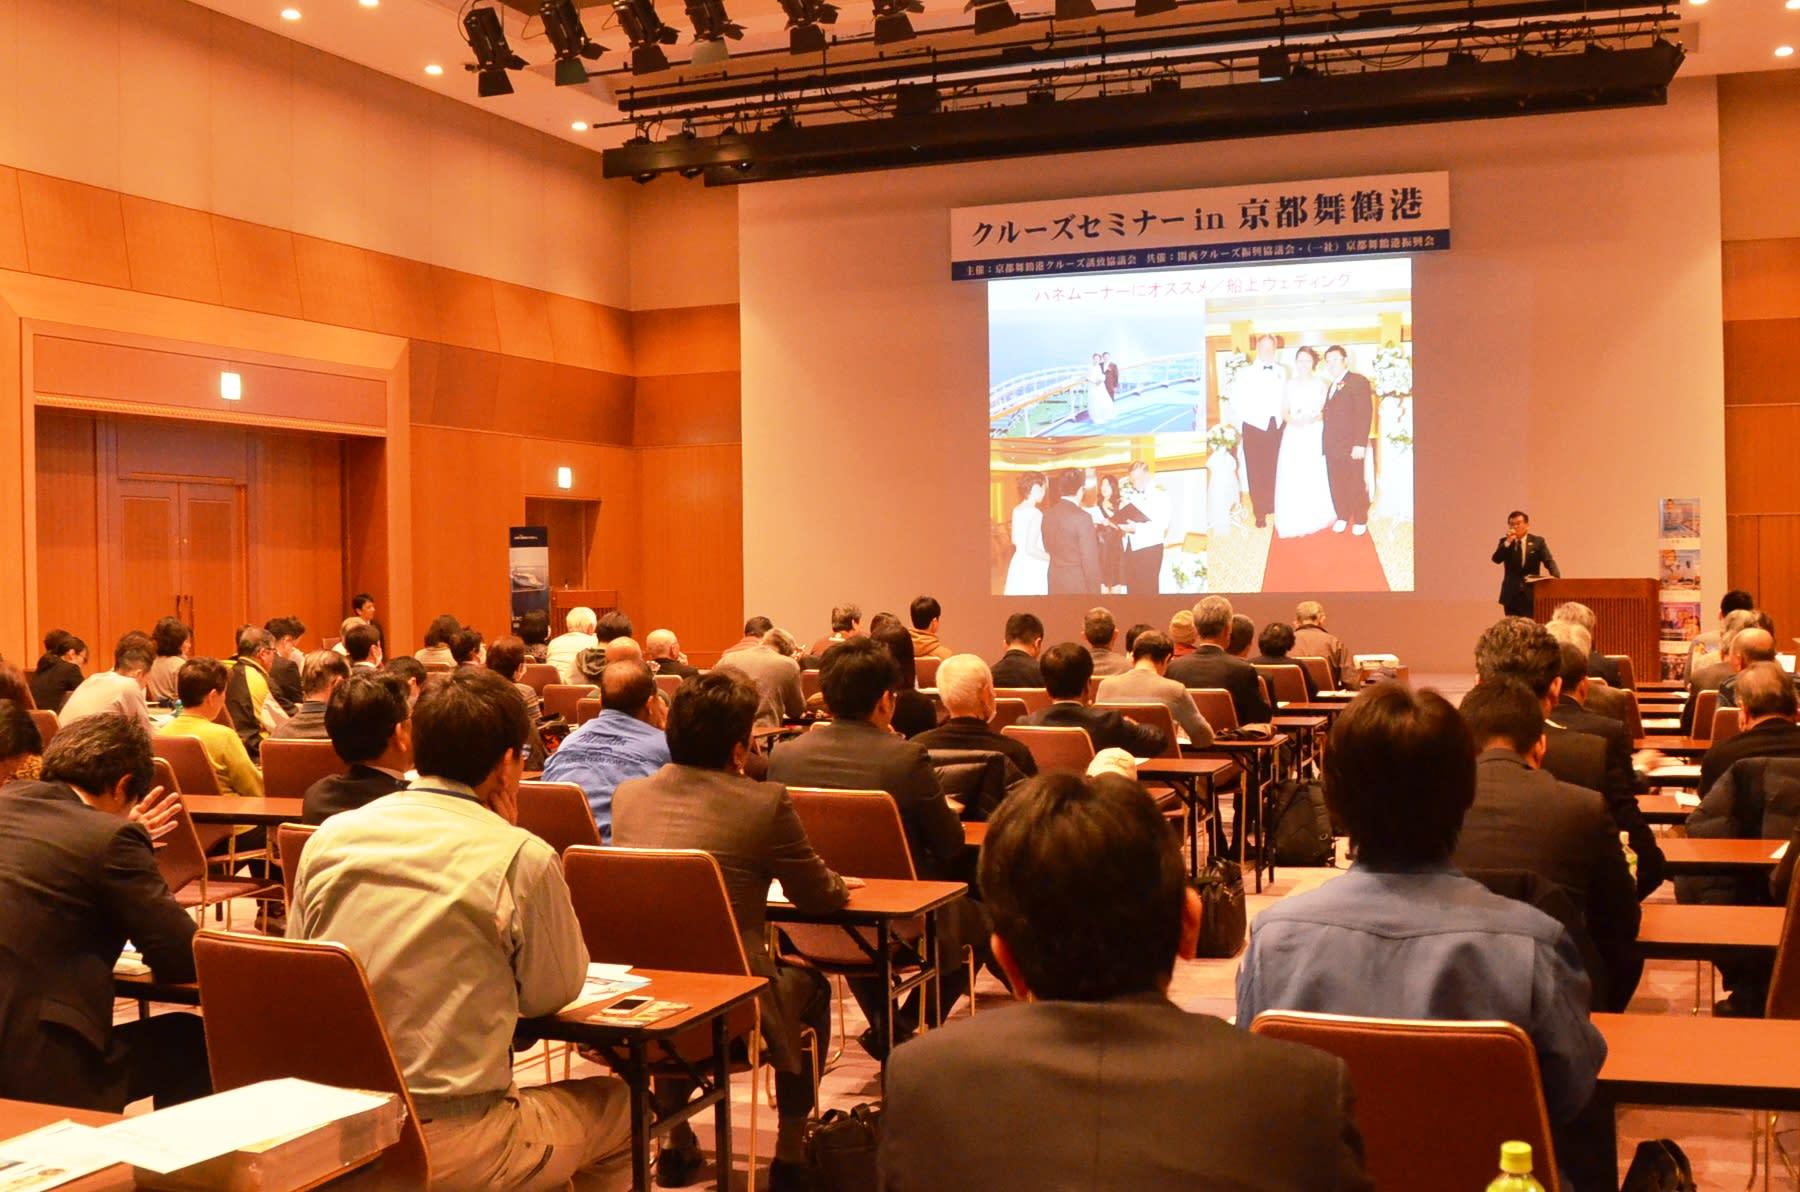 京都舞鶴港で開催イベントの様子を公開